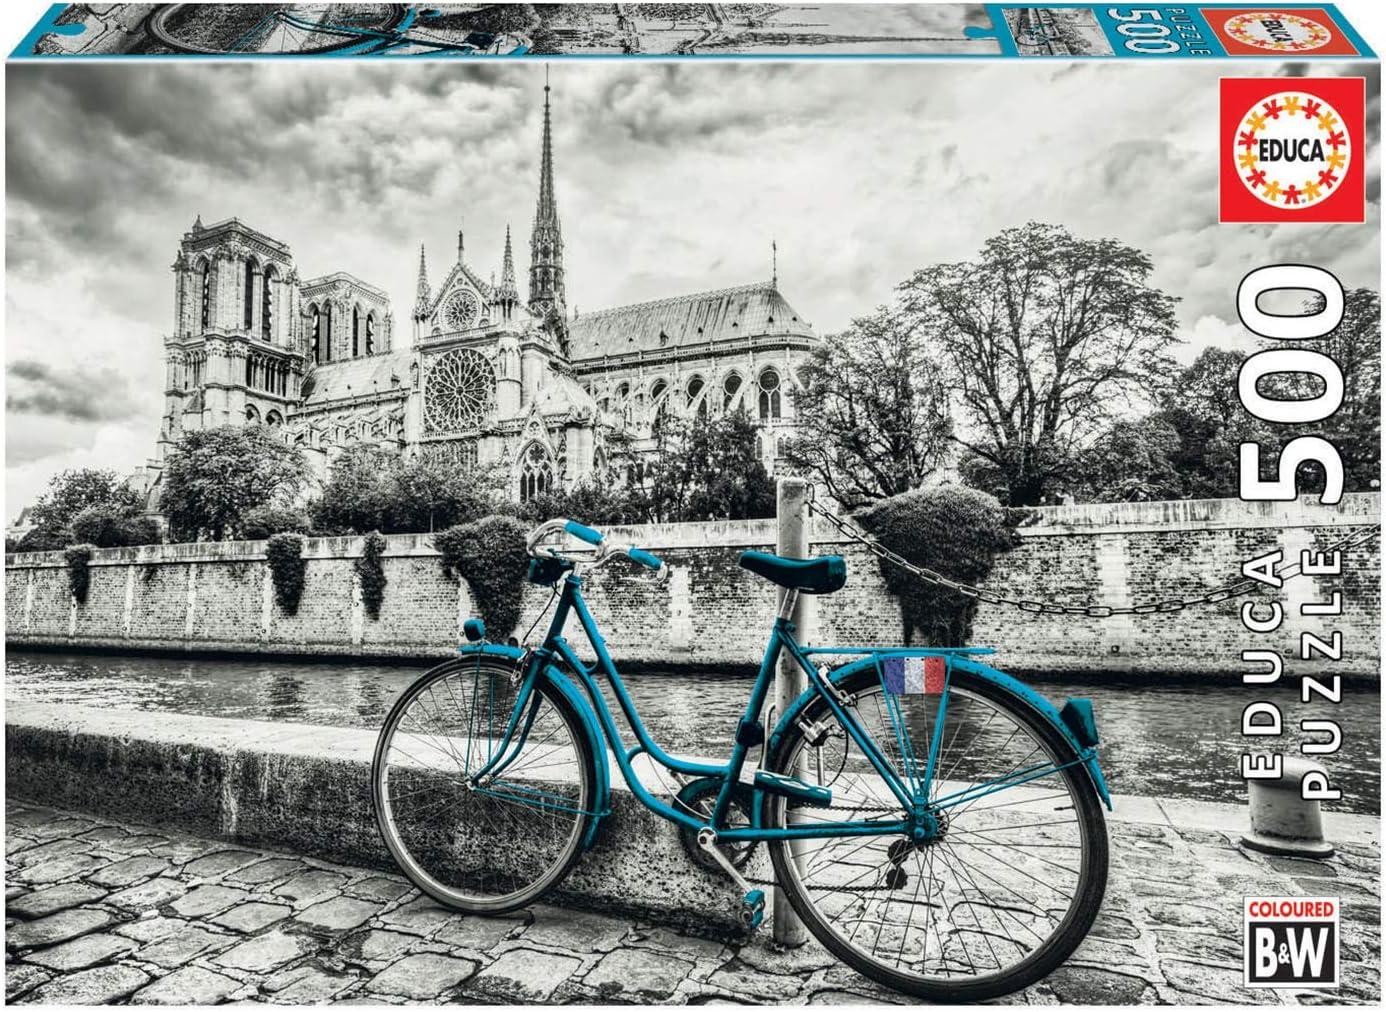 Educa Borras - Serie Coloured B&W, Puzzle 500 piezas Bicicleta cerca de Notre Dame (18482): Amazon.es: Juguetes y juegos